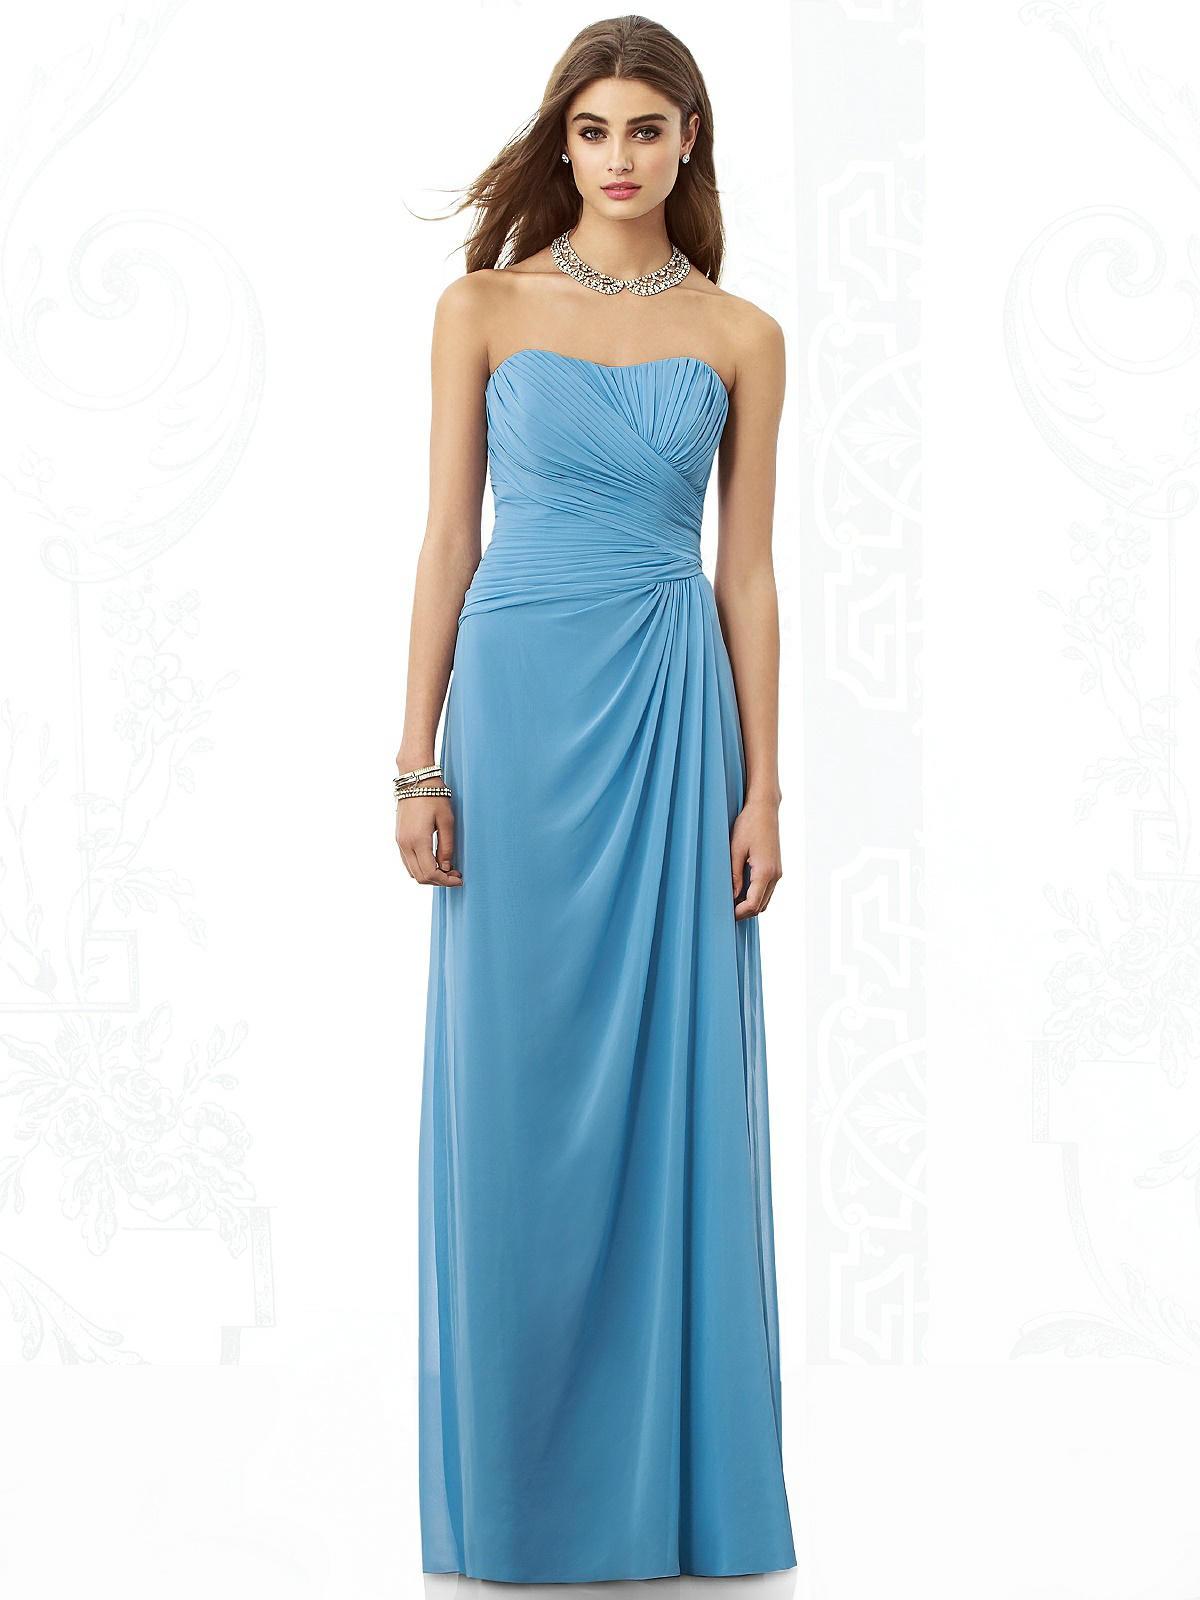 DESSY BRIDESMAID DRESS - Yuman Dakren